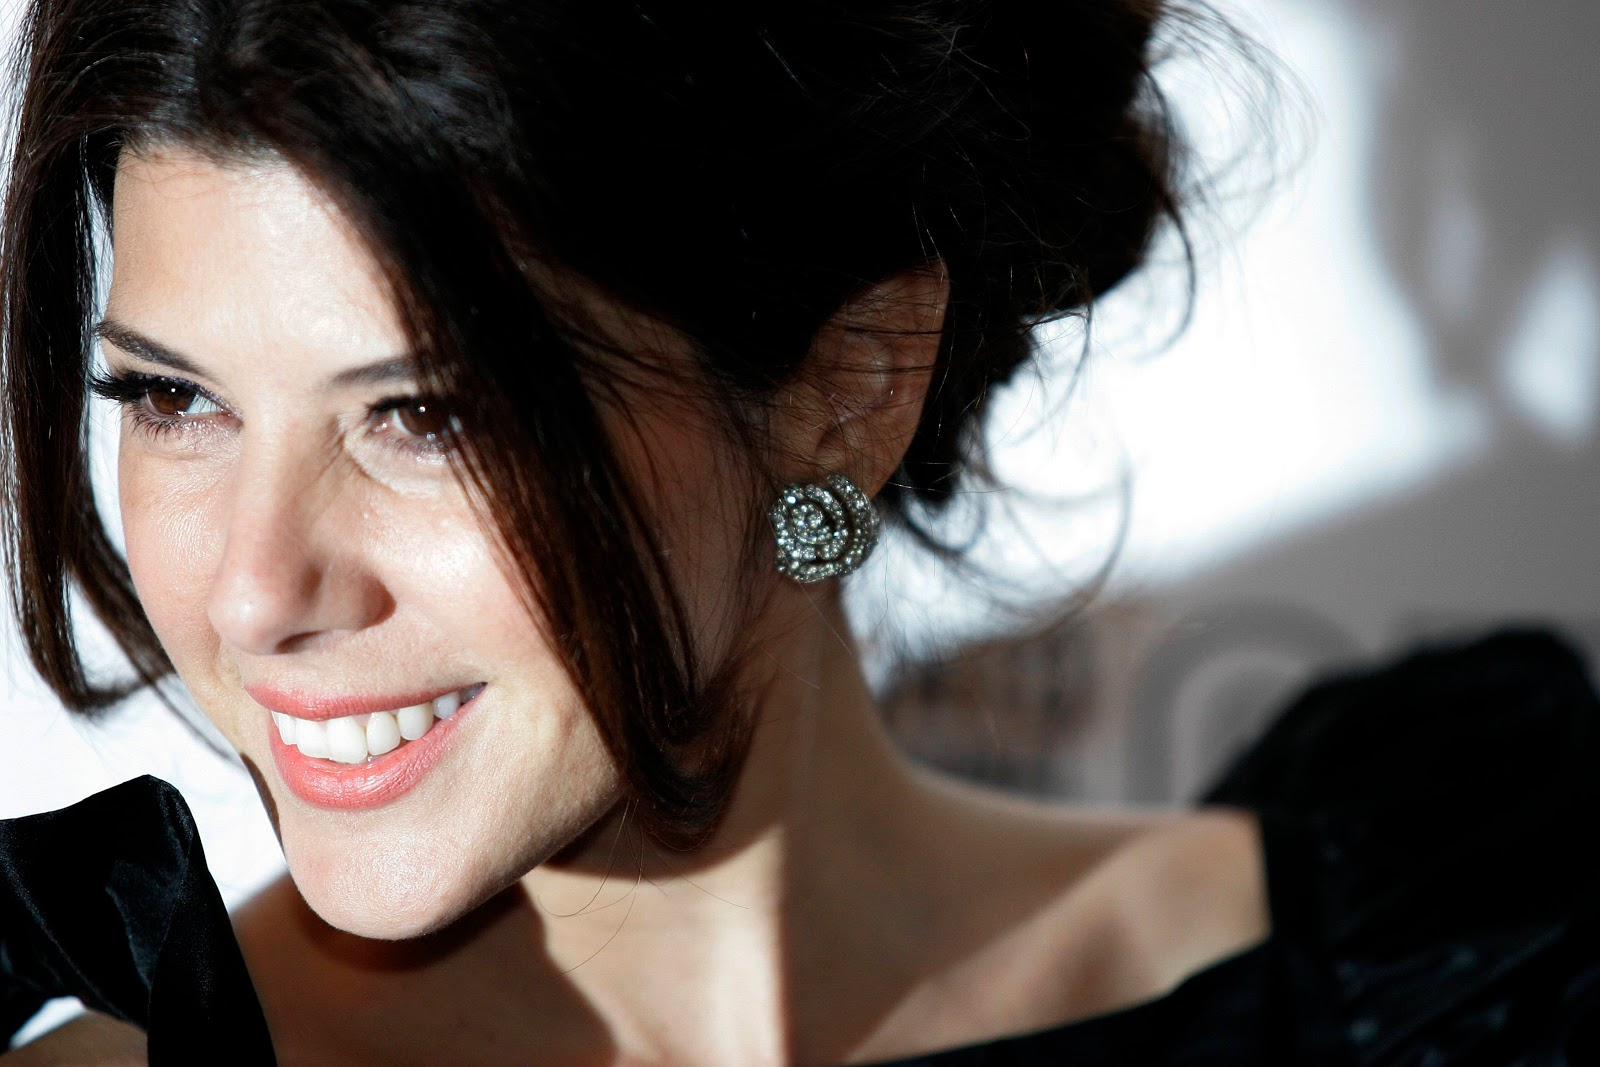 http://2.bp.blogspot.com/-6bQDak5iURM/Tph4xaqerRI/AAAAAAAAGFI/3r-asTFOHJU/s1600/Marisa+Tomei+15.jpg